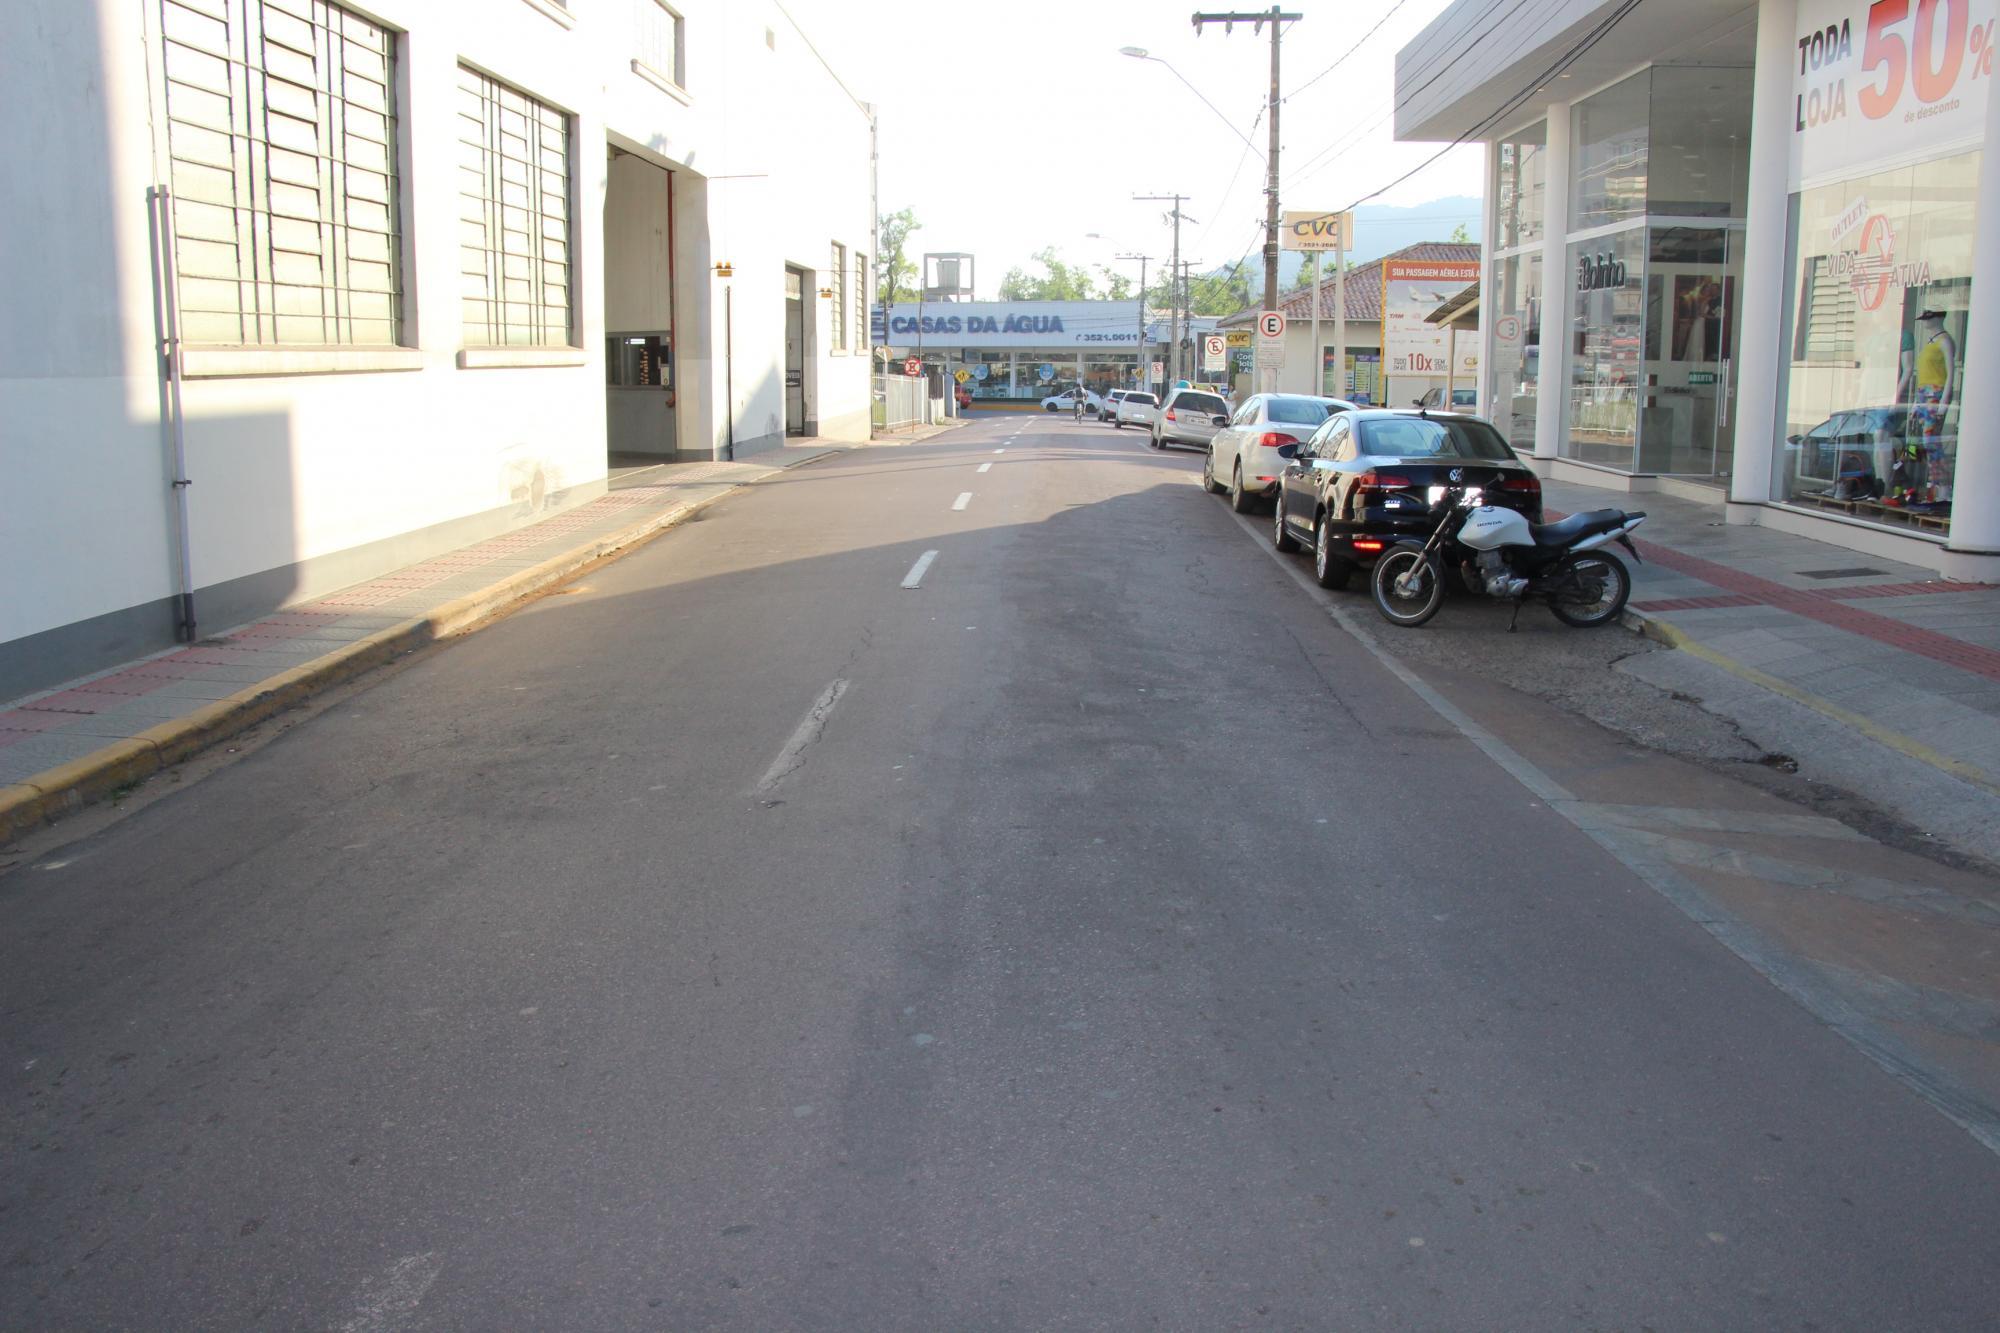 Trânsito nas imediações da prefeitura de Rio do Sul vai mudar a partir de segunda-feira (25)